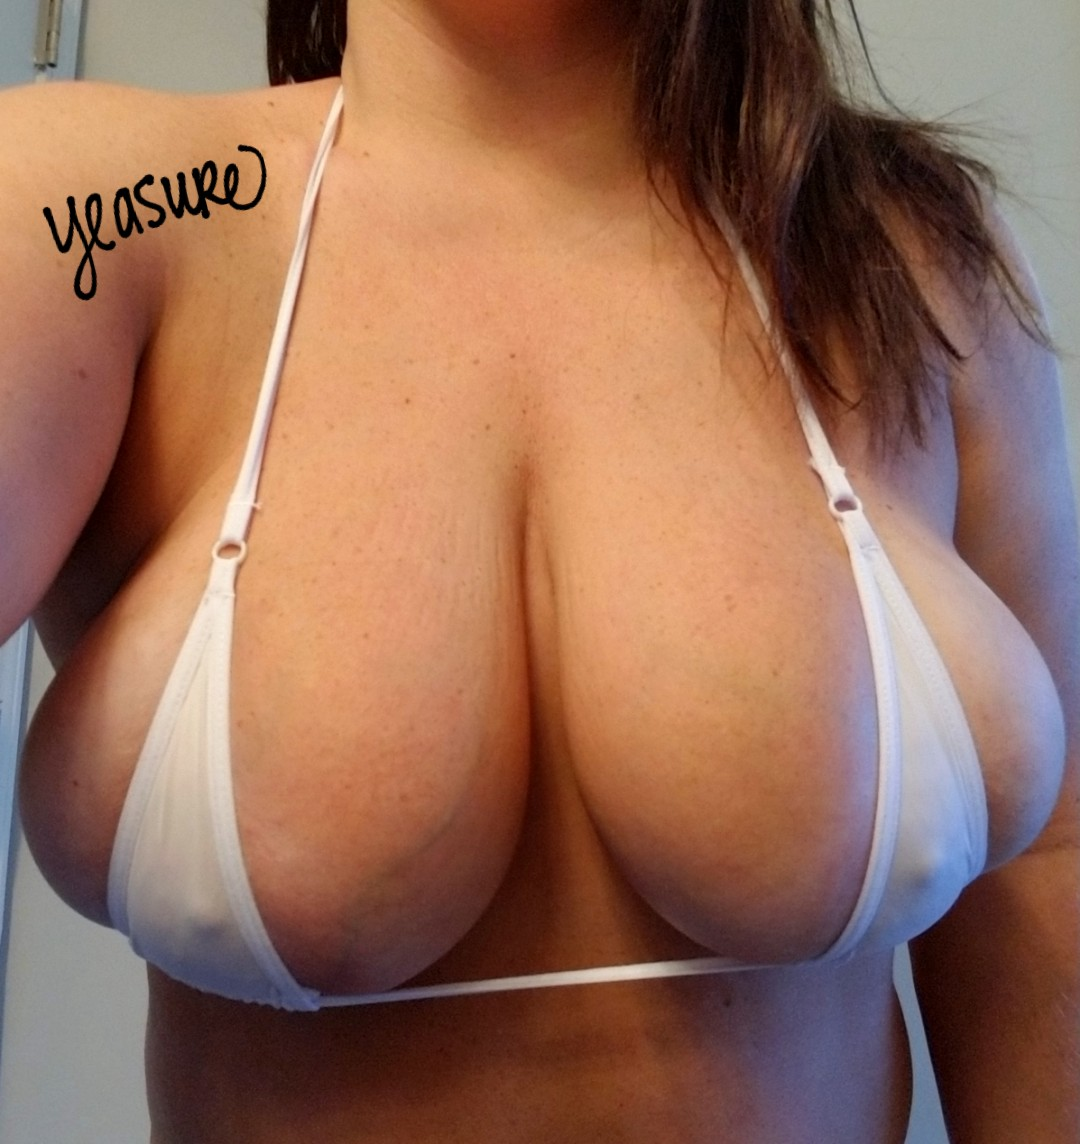 Huge tits in micro bikini